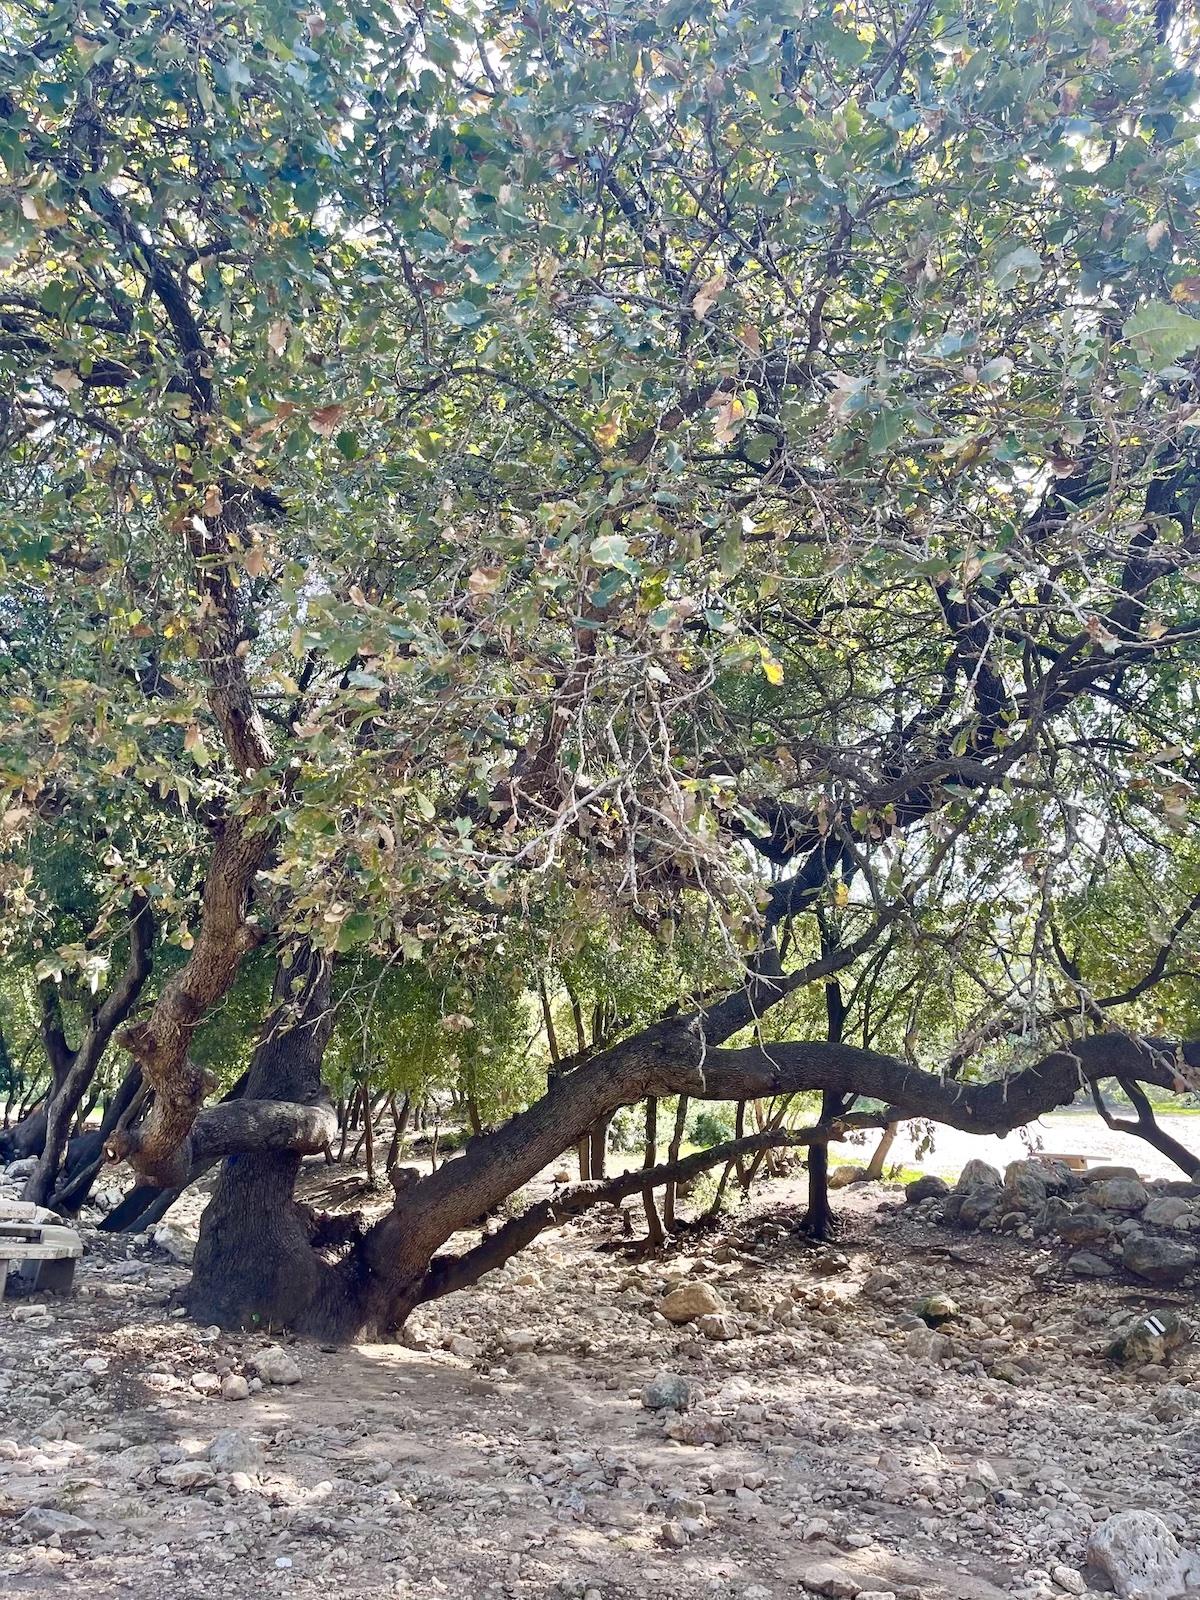 נחל אורן עין אלון יערות הכרמל חיפה סלסלת פיקניק שירי ויצנר בליקר בייקרי